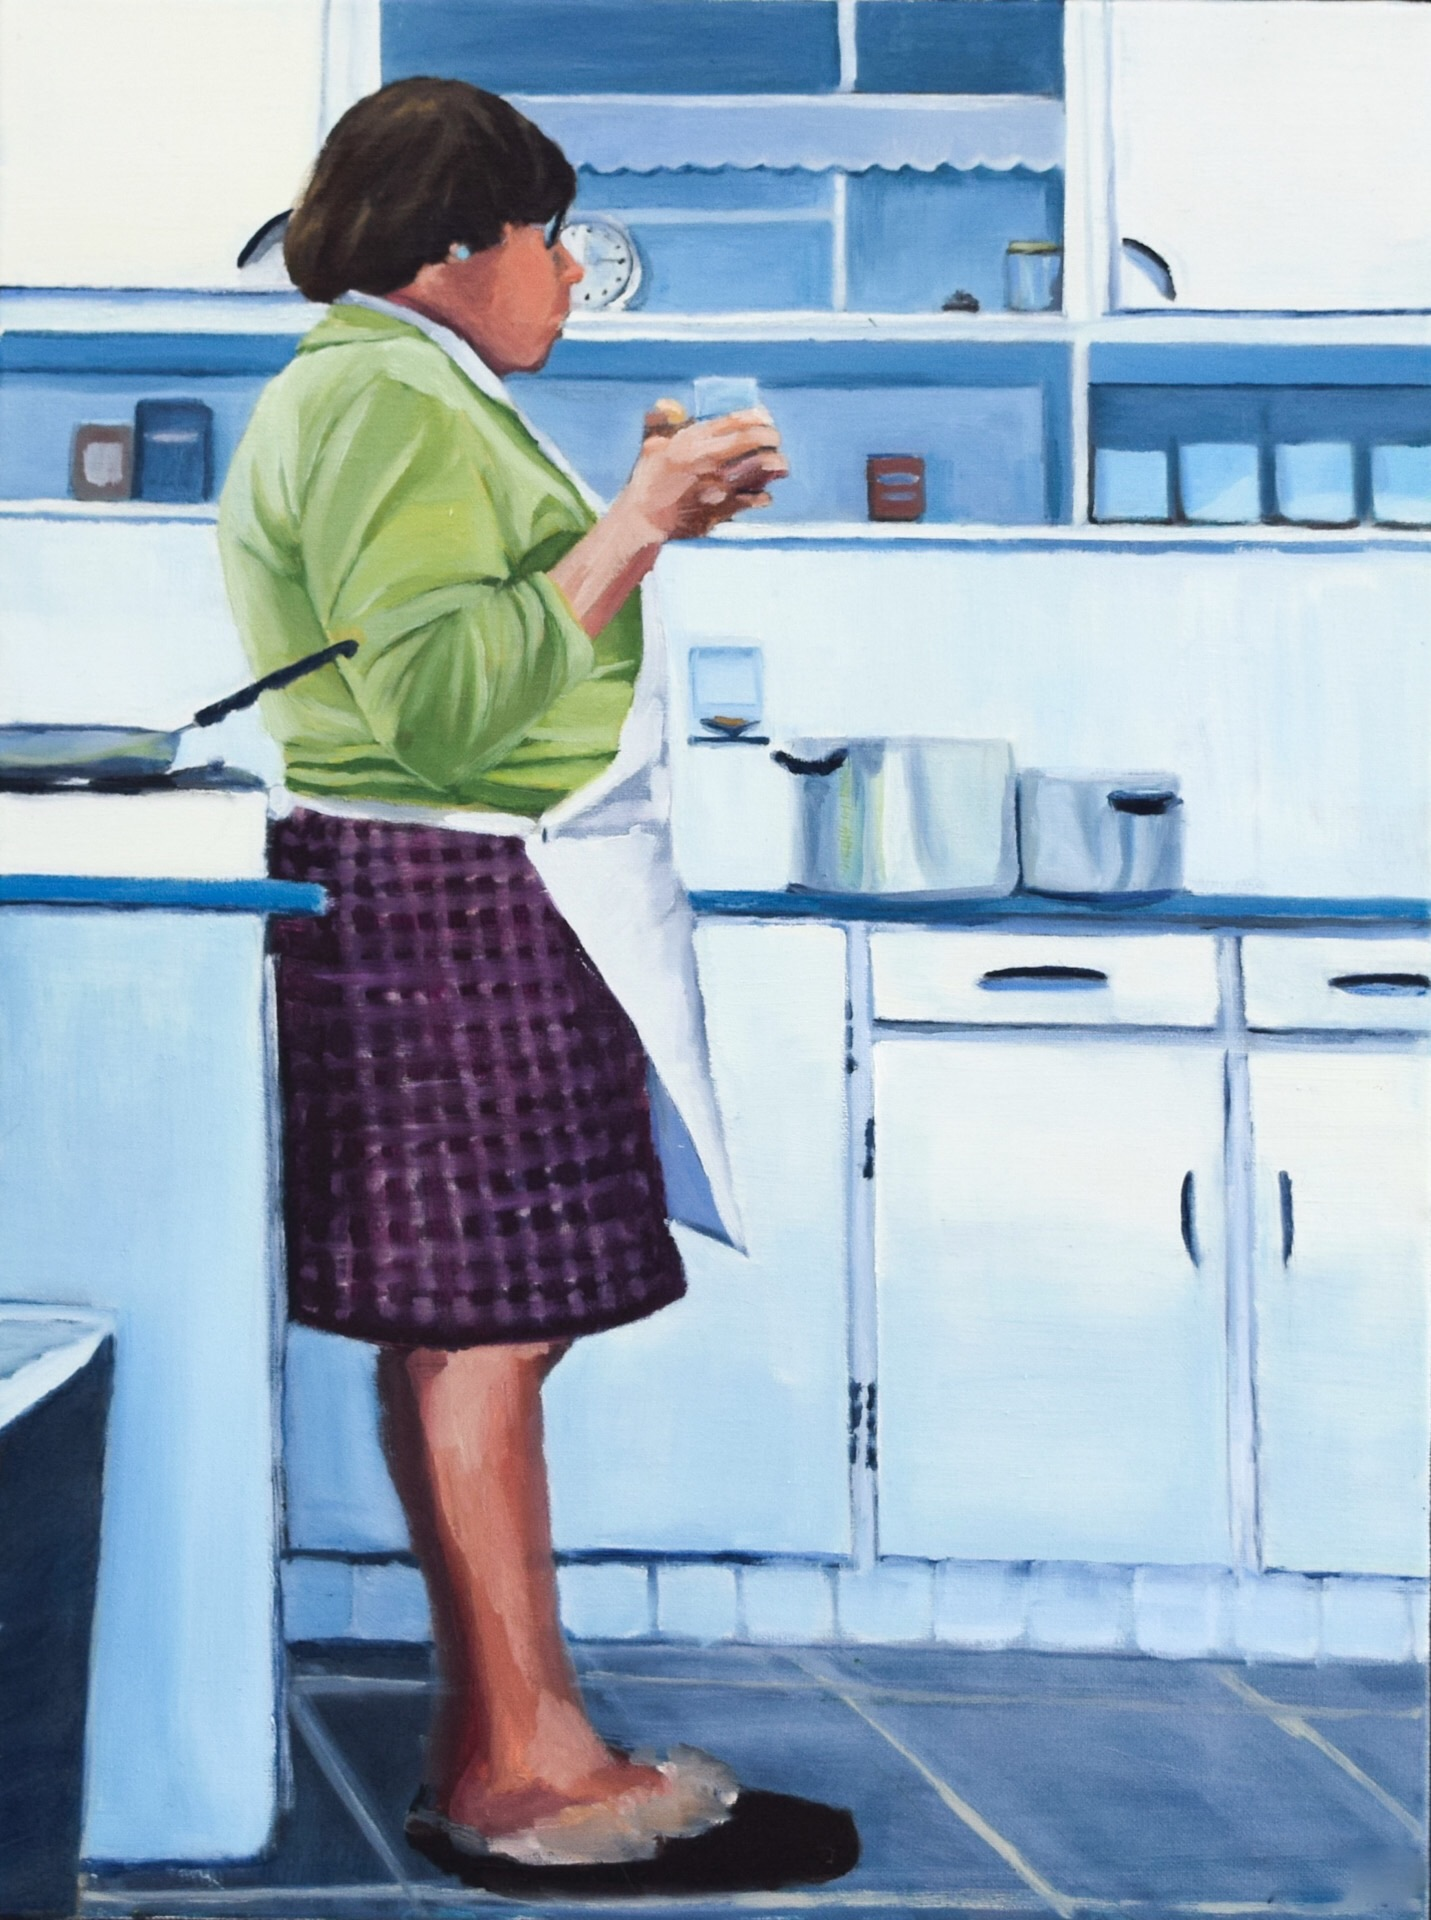 Baker,Margaret-Kitchen Contemplation-24x18 inch oil on canvas.jpg